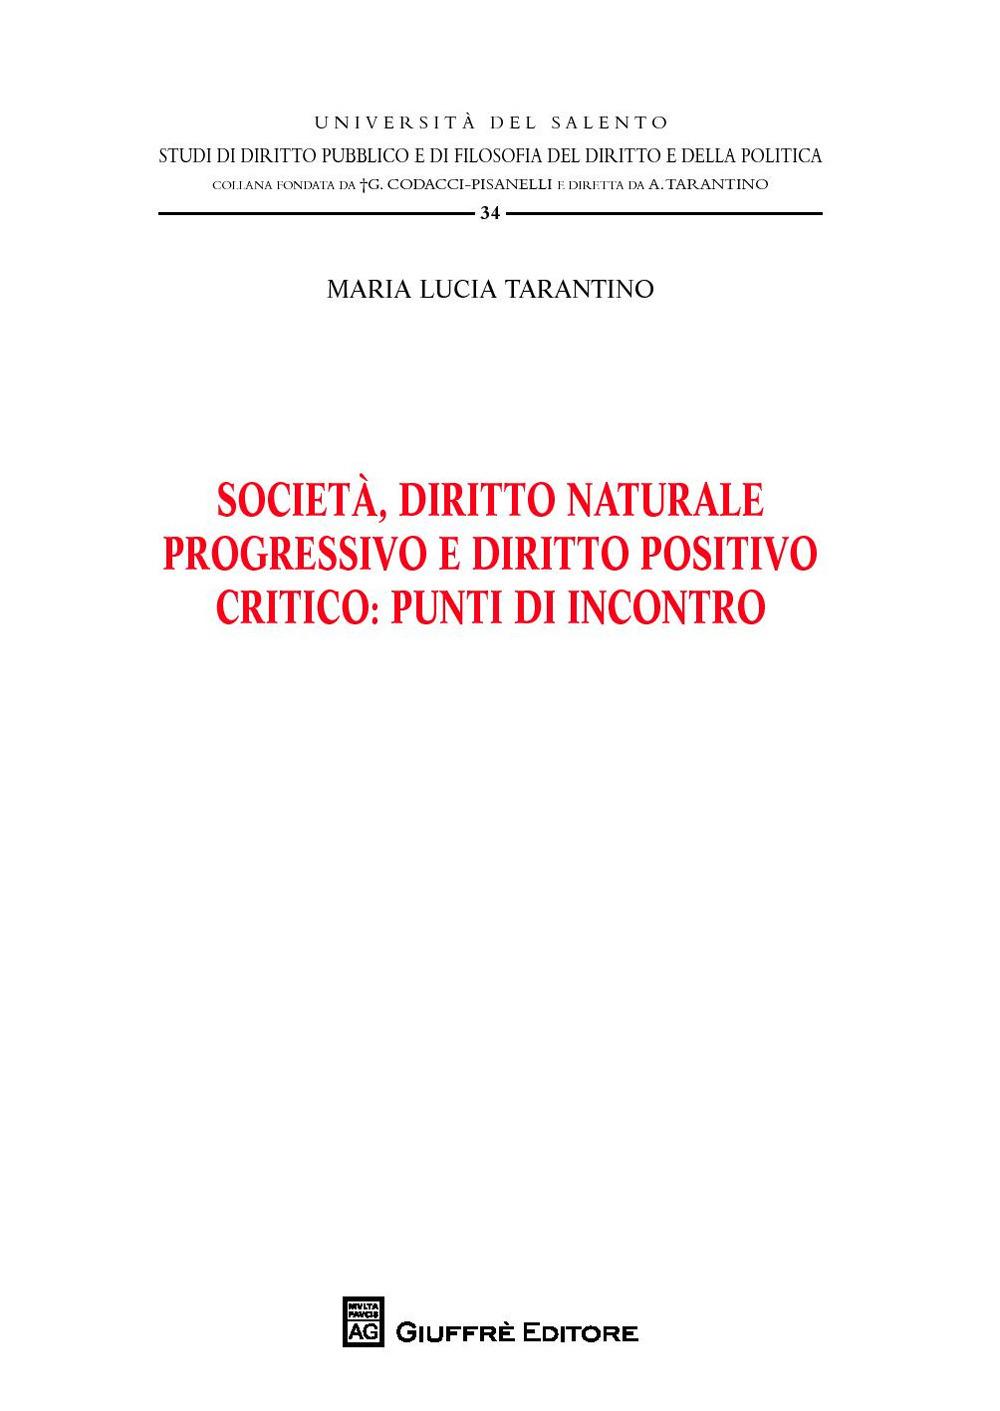 Image of Società, diritto naturale progressivo e diritto positivo critico:..